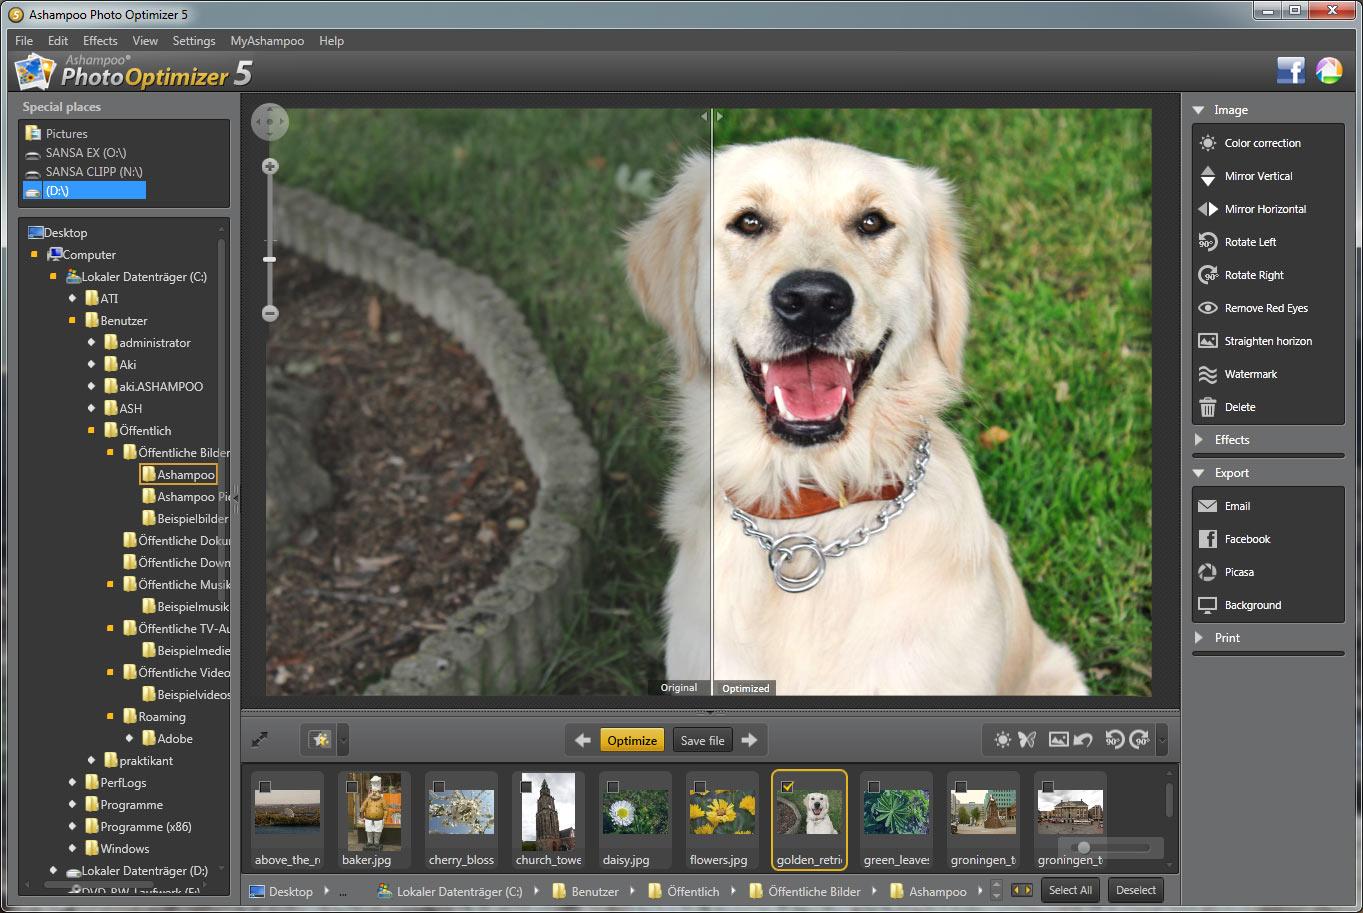 تحميل برنامج الكتابة على الصور وتعديلها للكمبيوتر